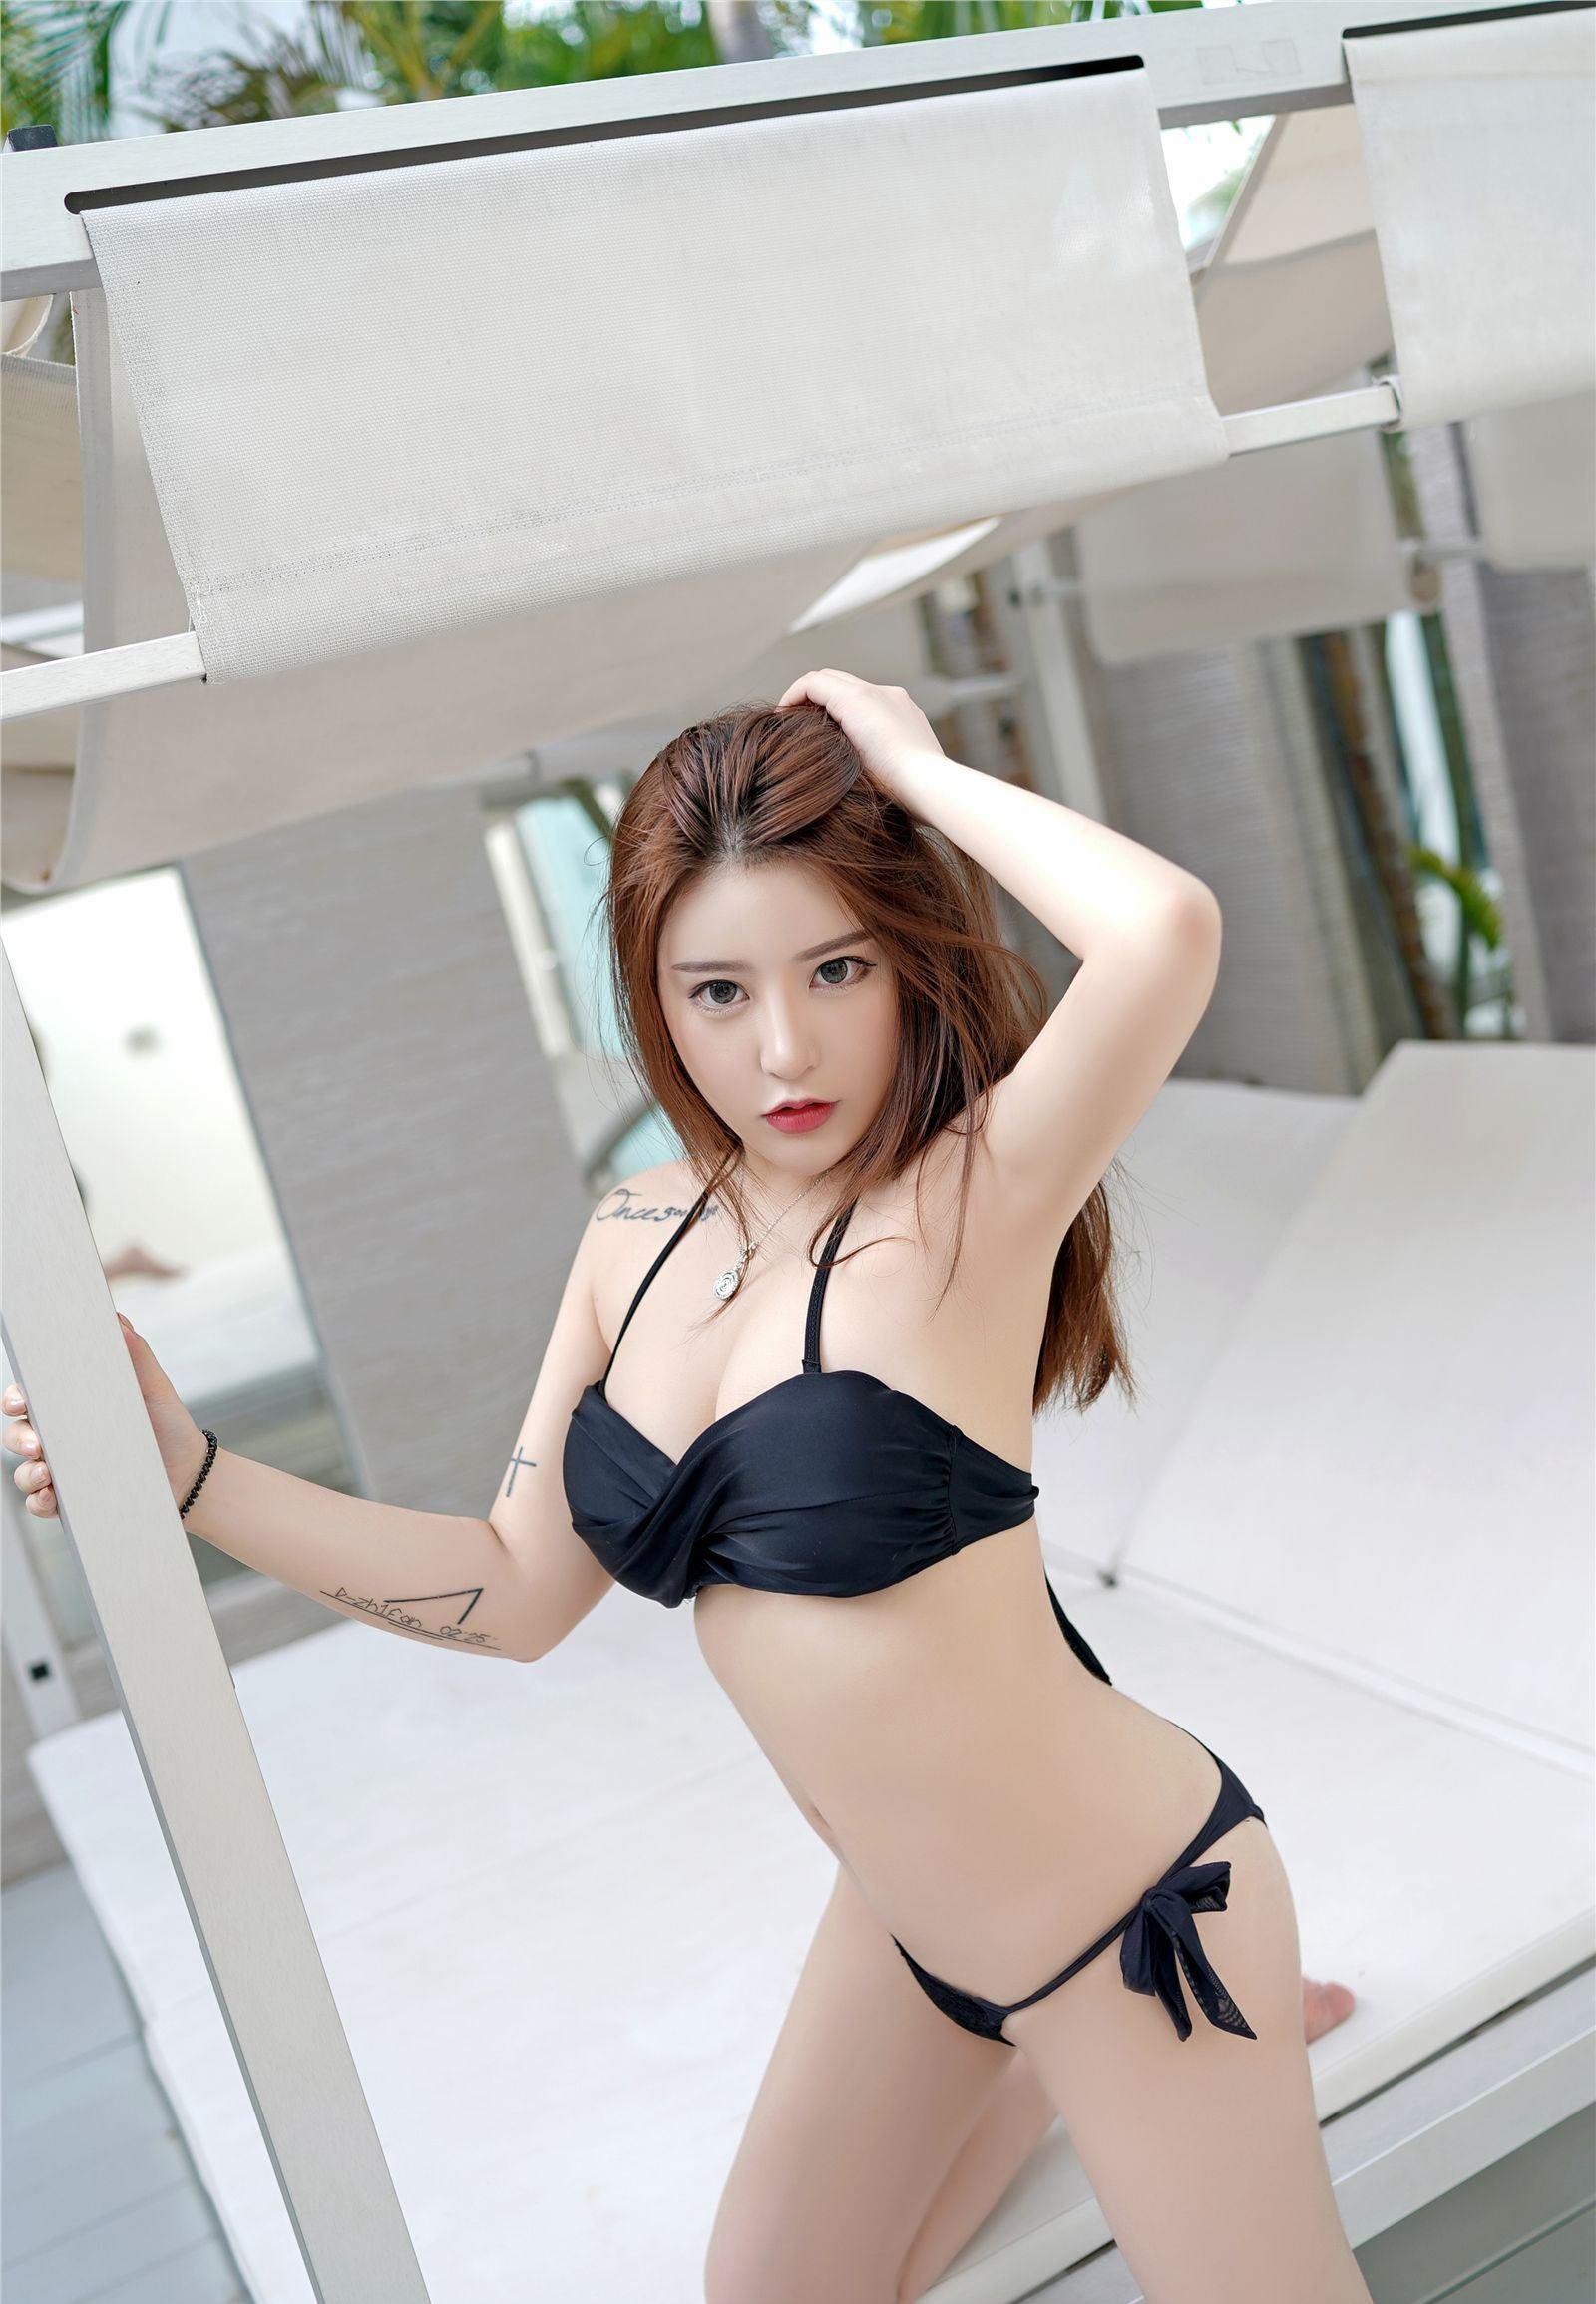 cool Chinese bikini girl